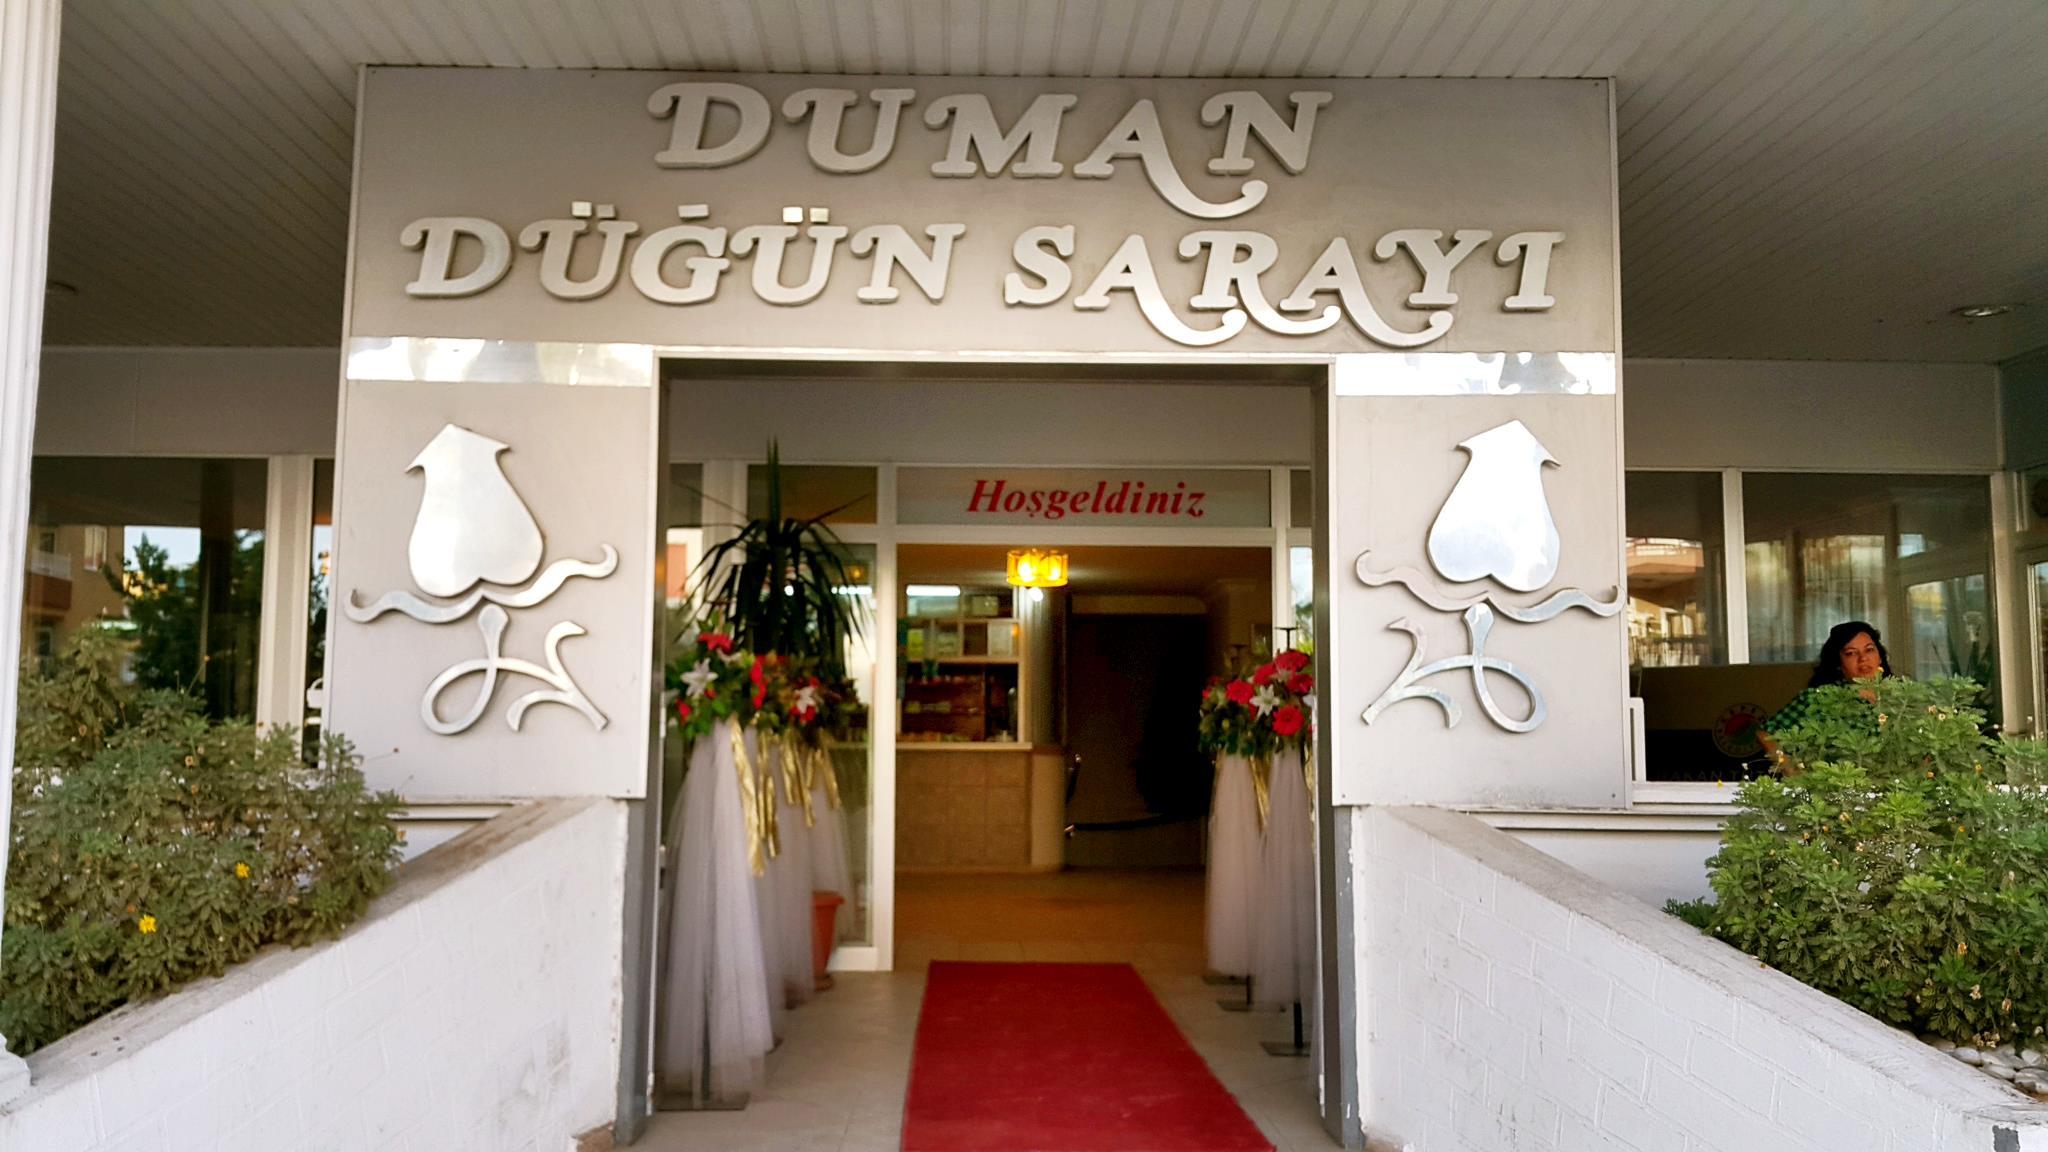 Antalya Duman Düğün Salonu 02423450930 nişan düğün nikah kına gecesi salonu sarayı organizasyonu